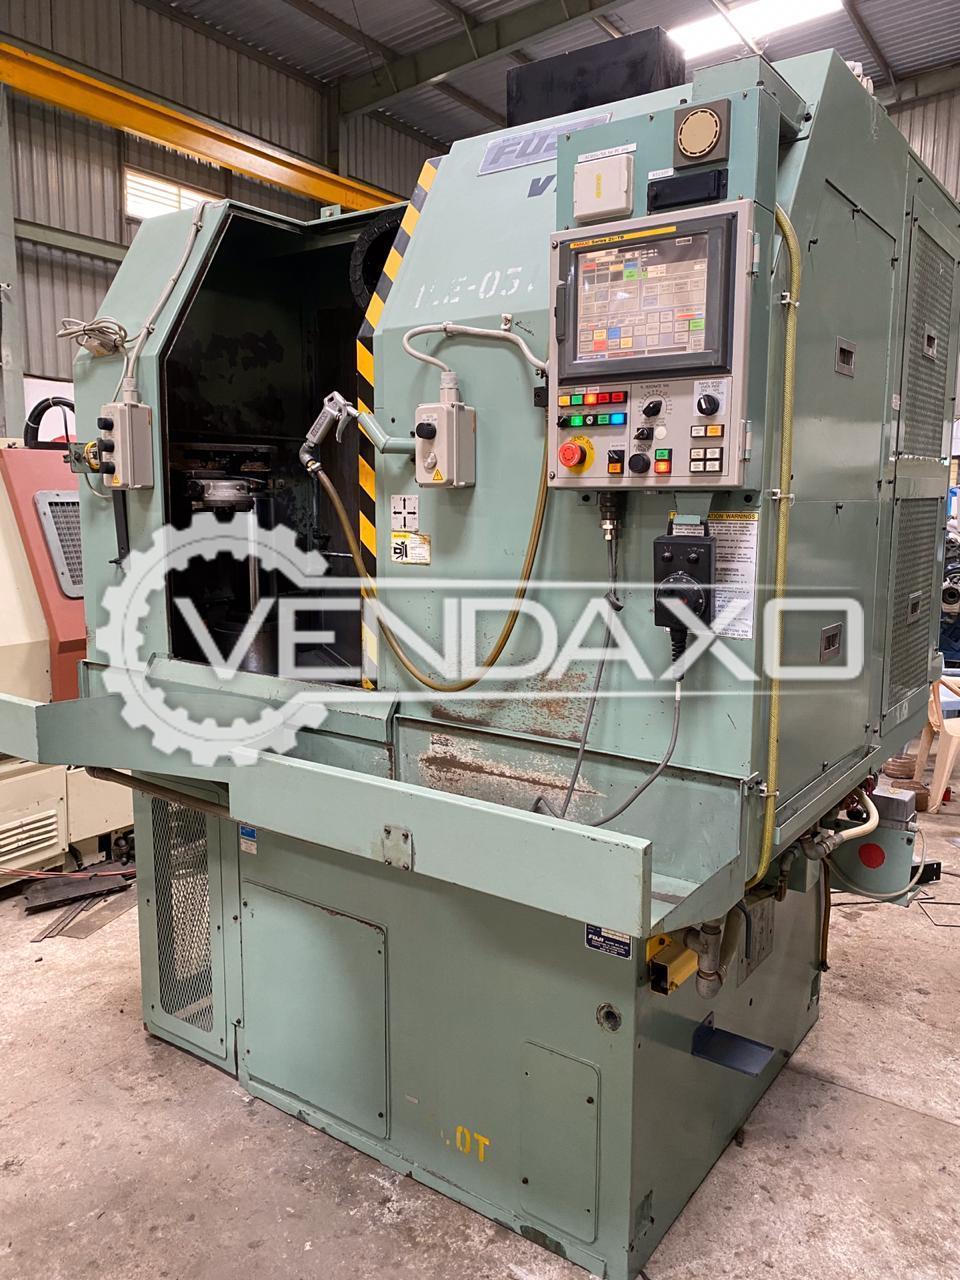 Fuji VN-40T CNC Vertical Turning Lathe Machine - Max Cutting Diameter : 575 mm